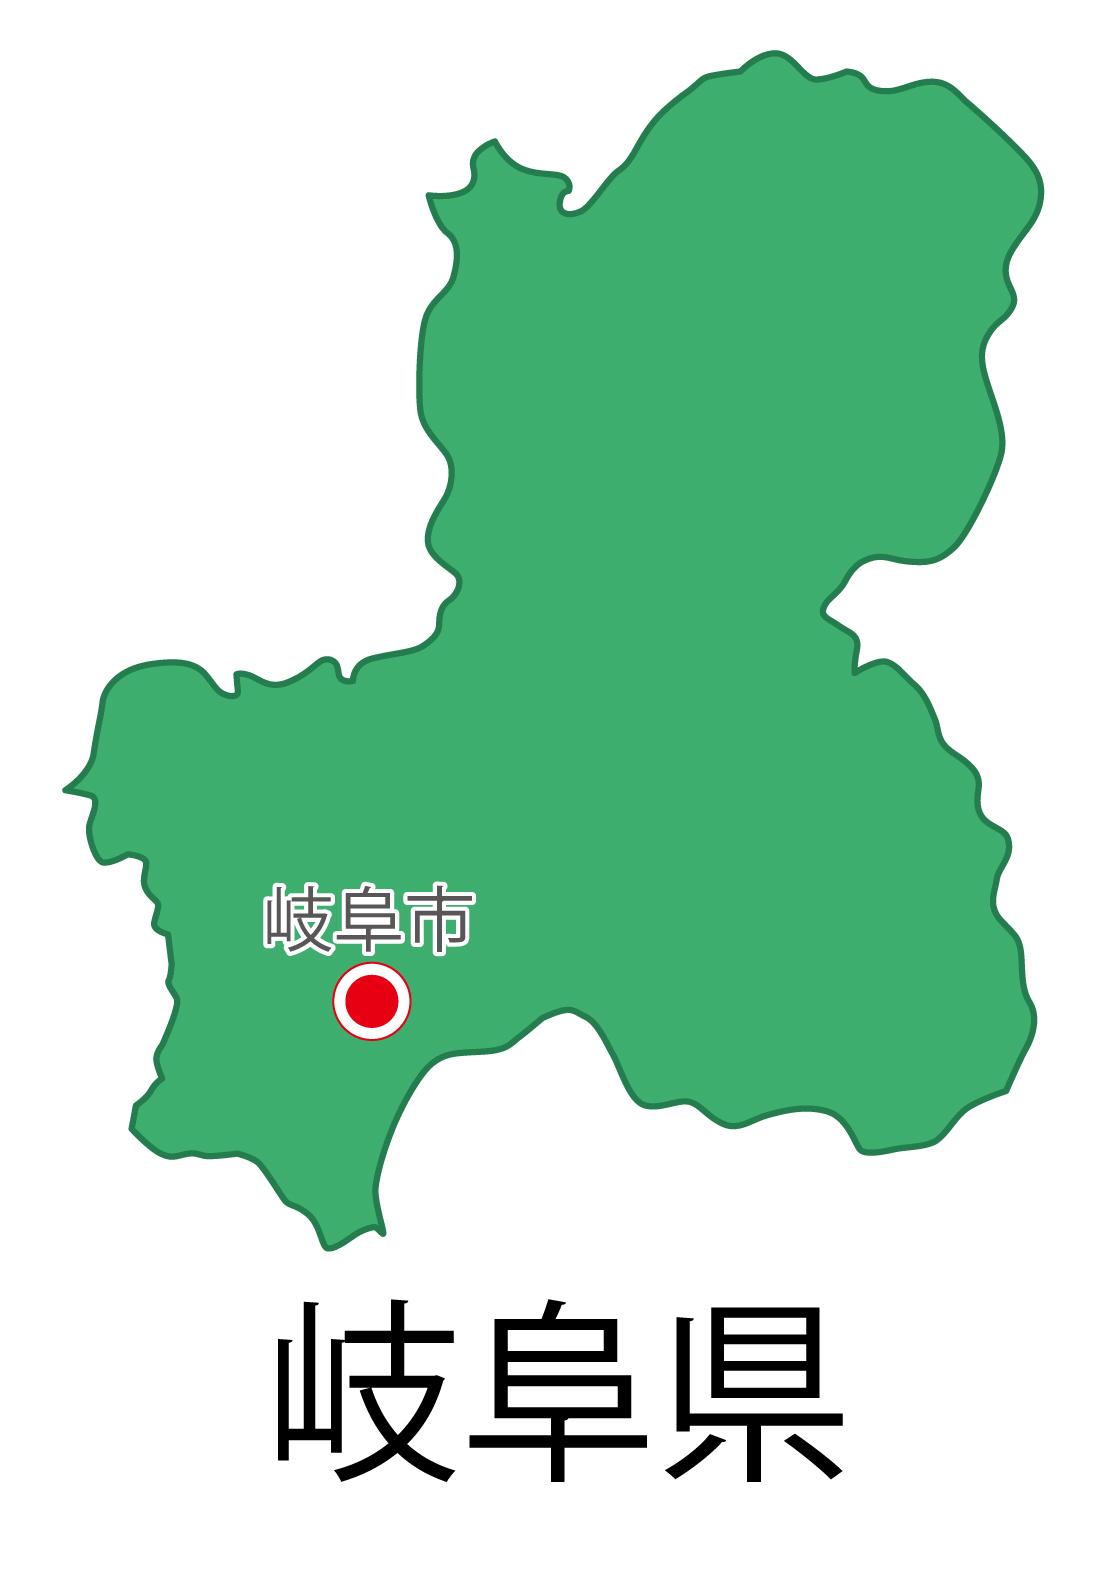 岐阜県無料フリーイラスト|日本語・都道府県名あり・県庁所在地あり(緑)